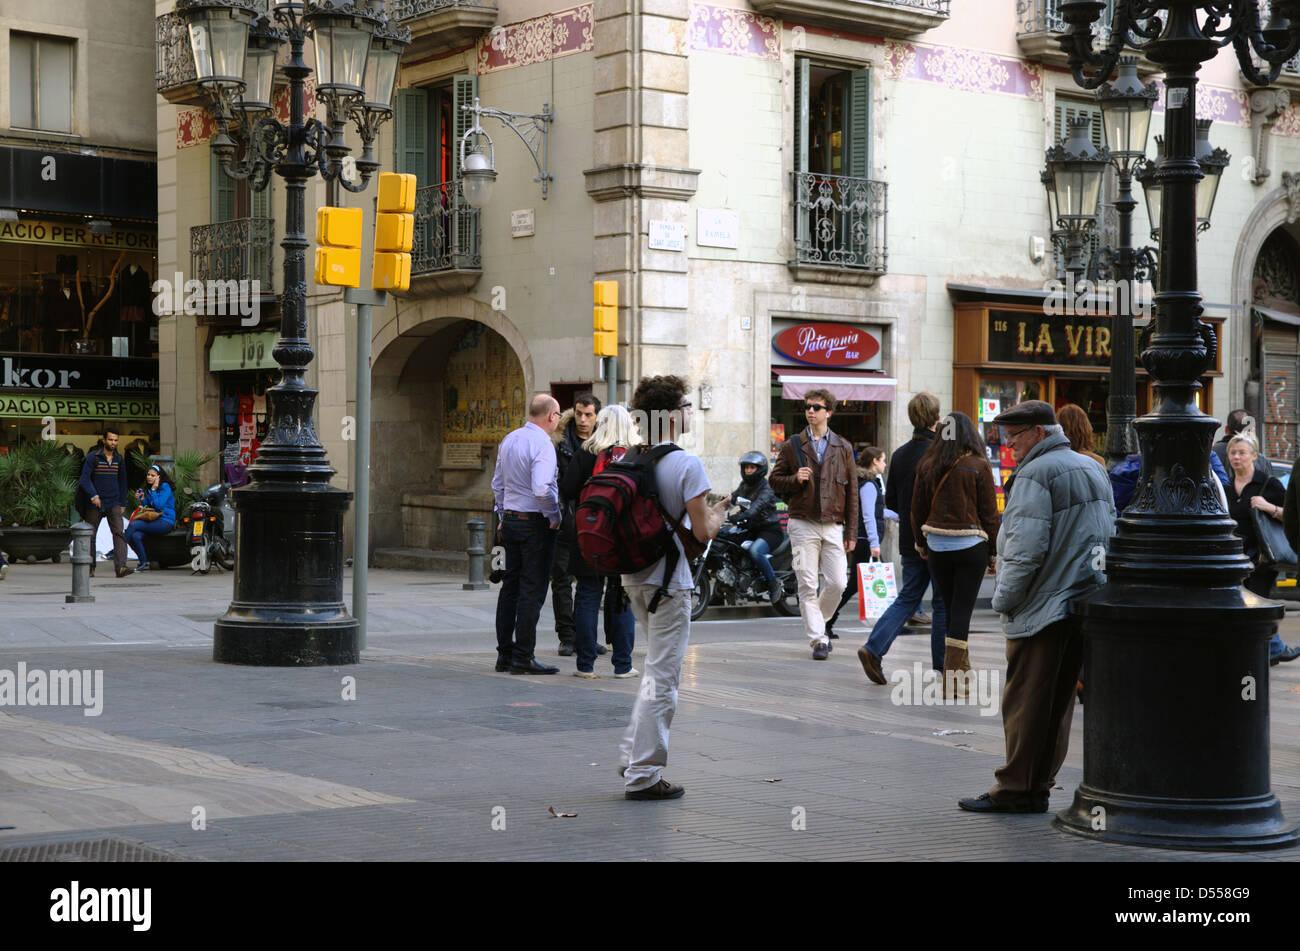 La temperatura ambiente de la Rambla de Barcelona toda la tarde. Imagen De Stock